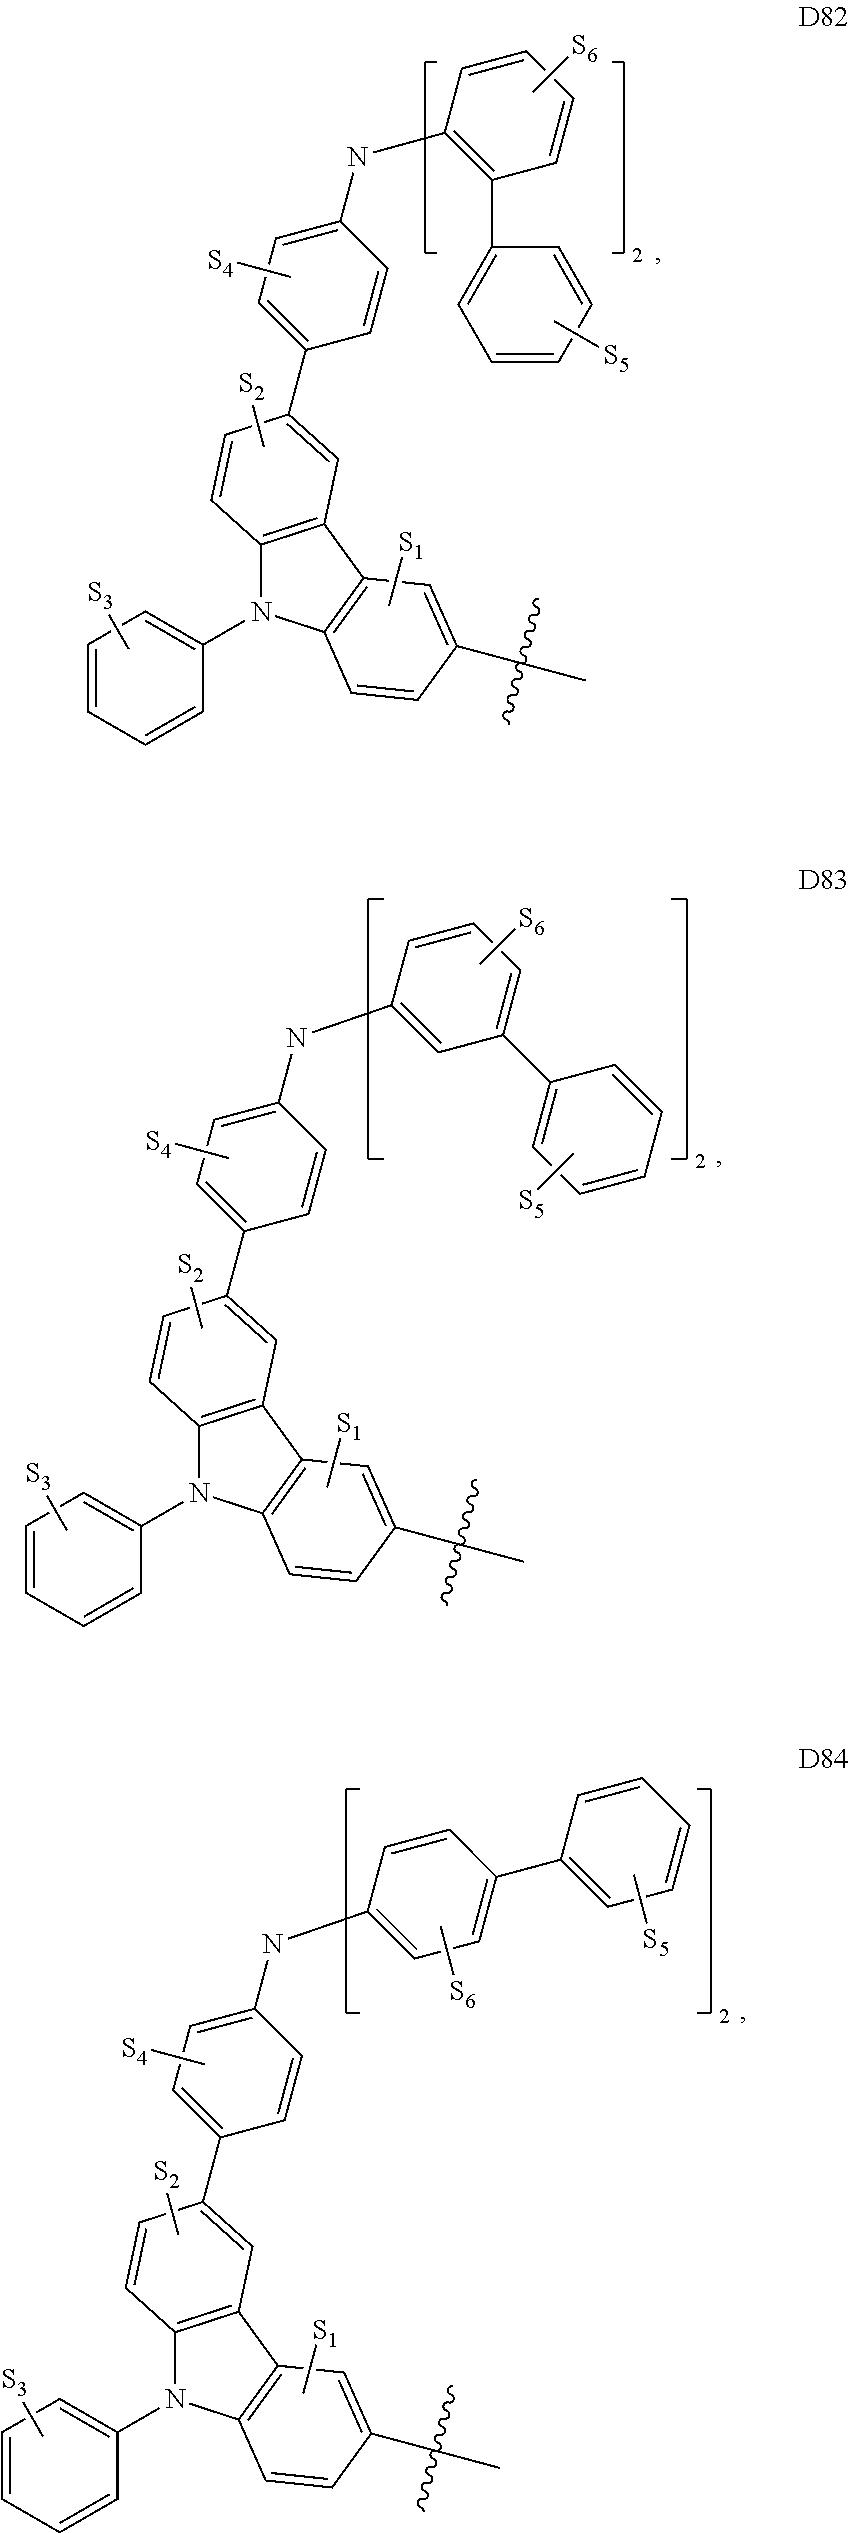 Figure US09537106-20170103-C00034